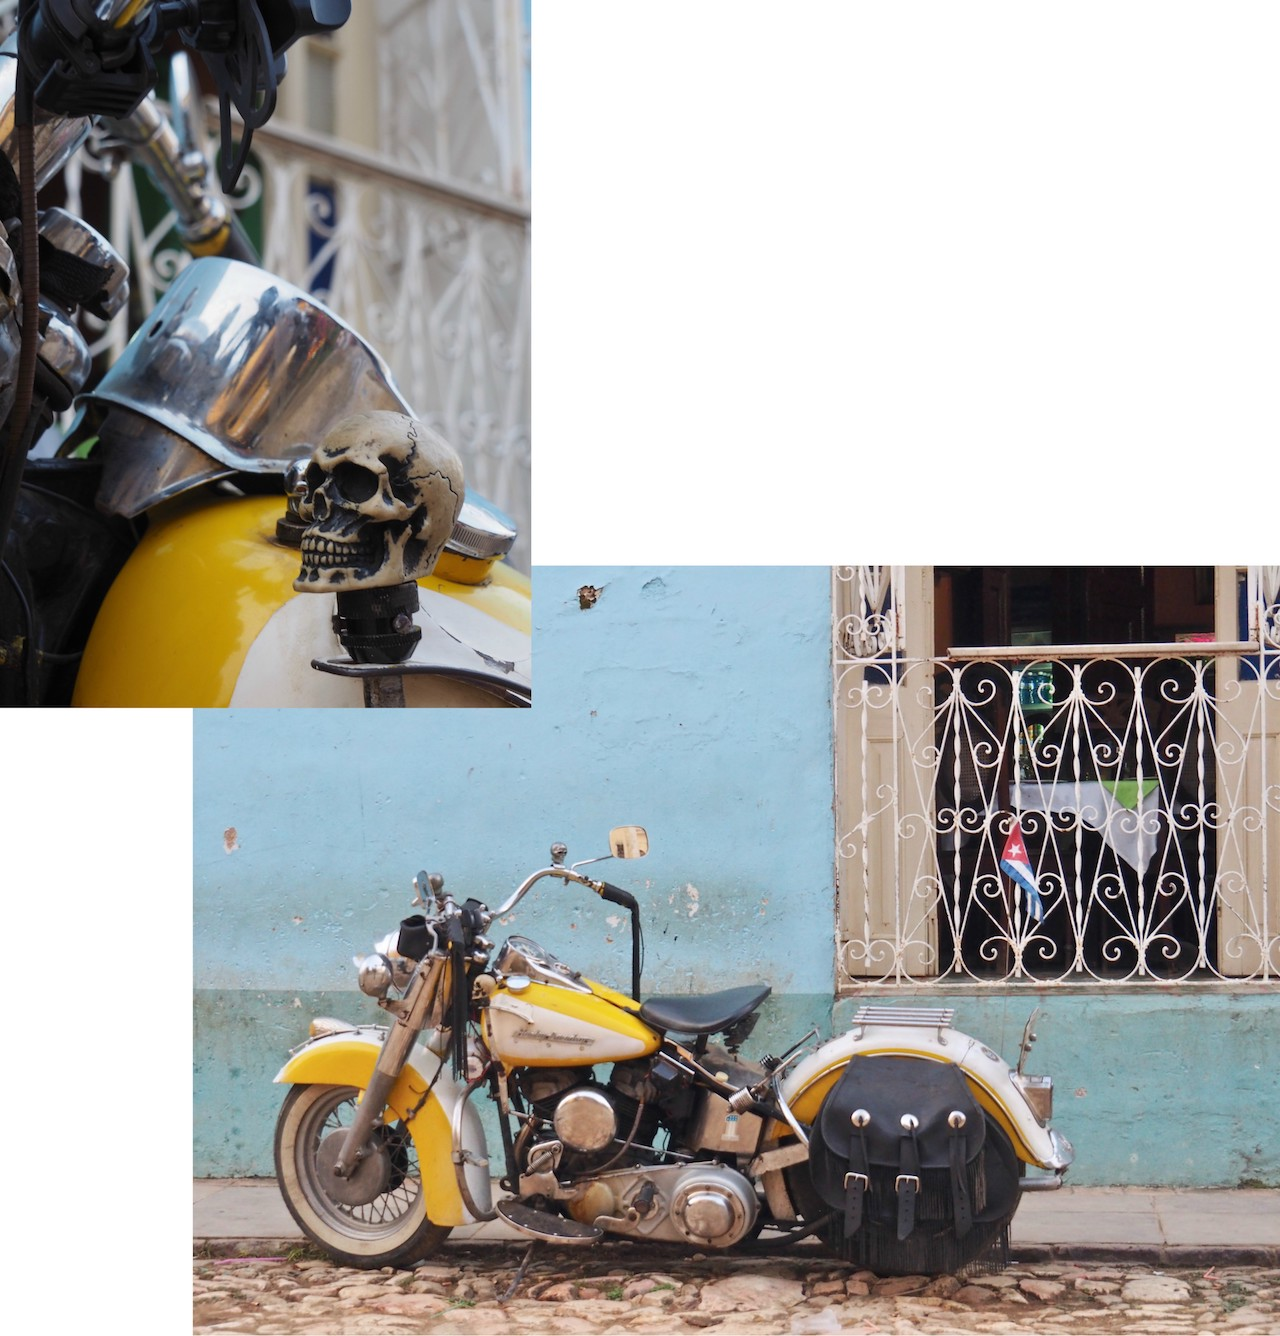 Cuba - 2 jours à Trinidad